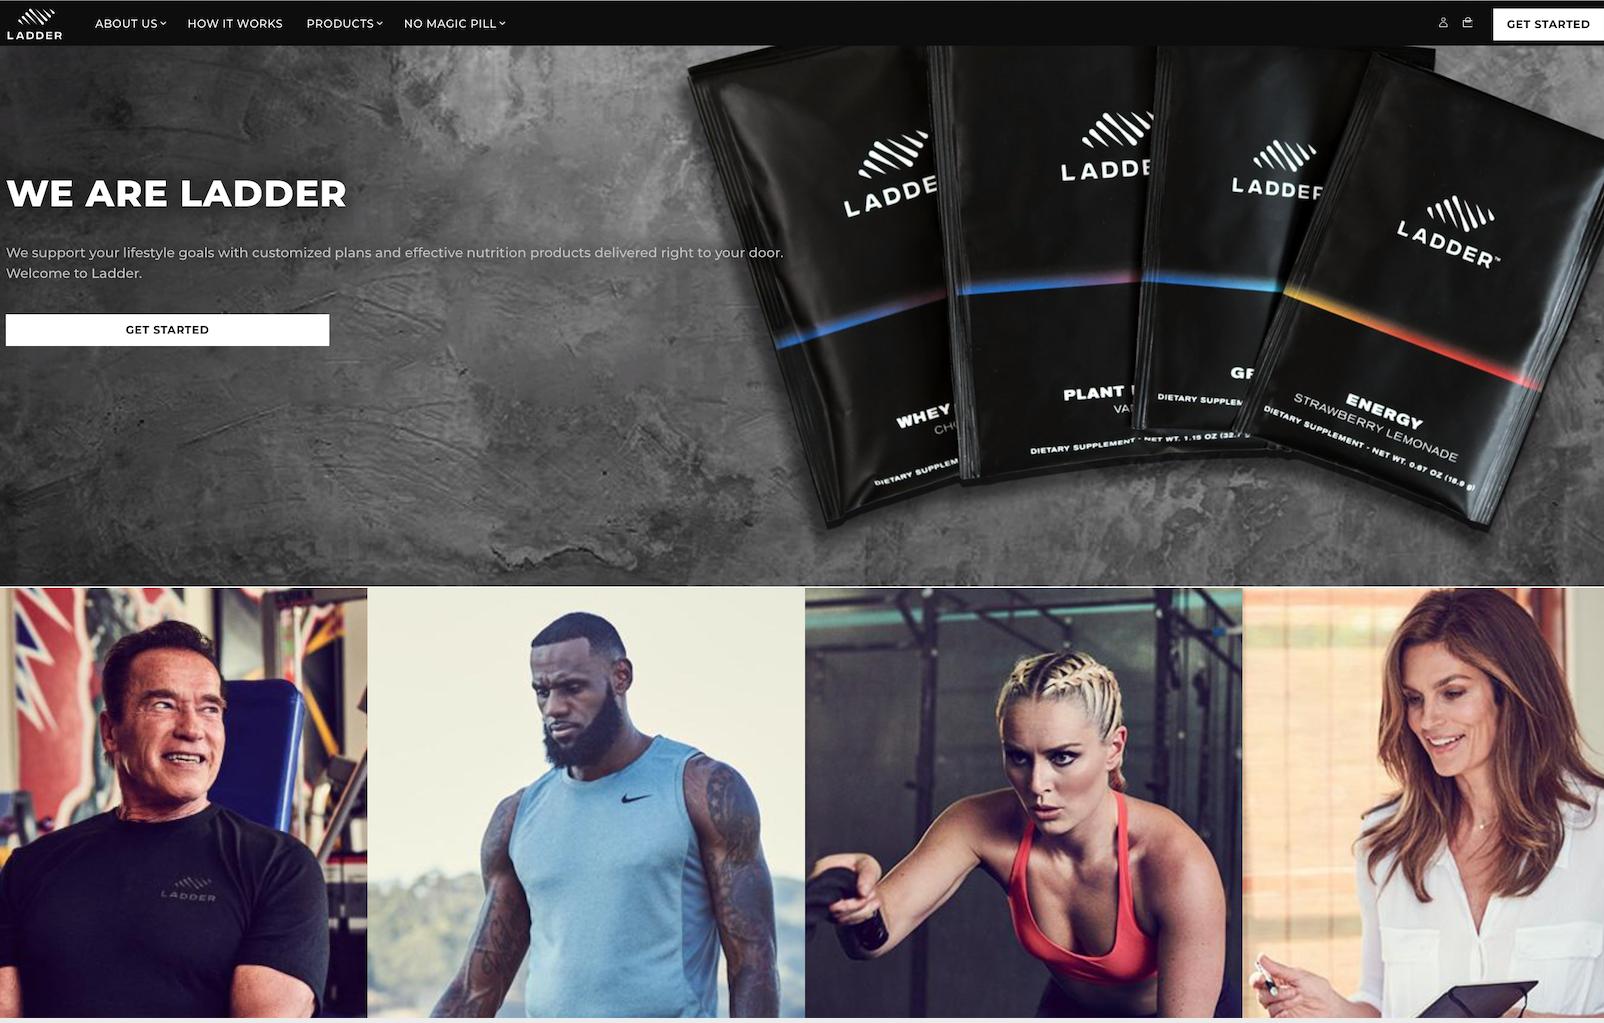 新型营养补剂品牌 Ladder:创始团队为何如此豪华?